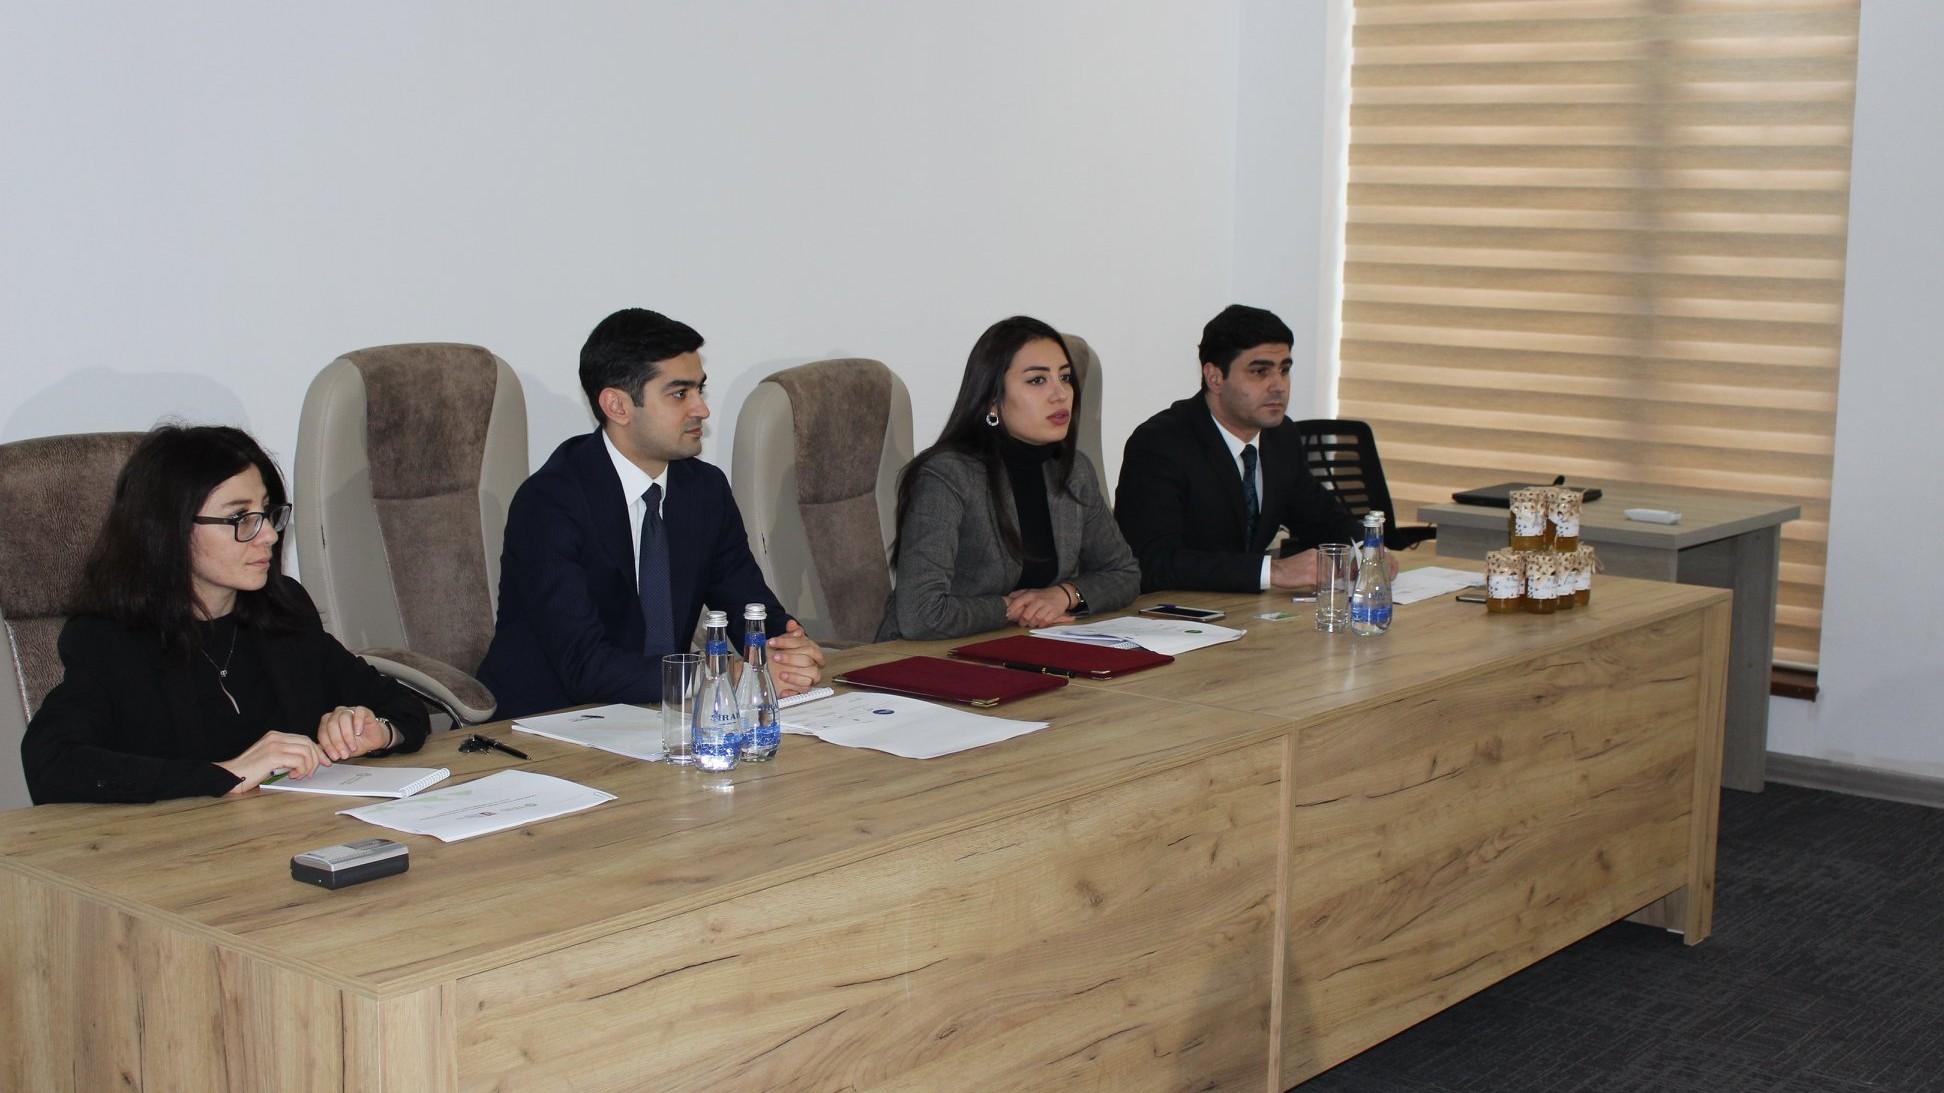 Bakı Turizm İnformasiya Mərkəzi və Dövlət Aqrar Ticarət Şirkəti arasında Əməkdaşlıq Memorandumu imzalanıb